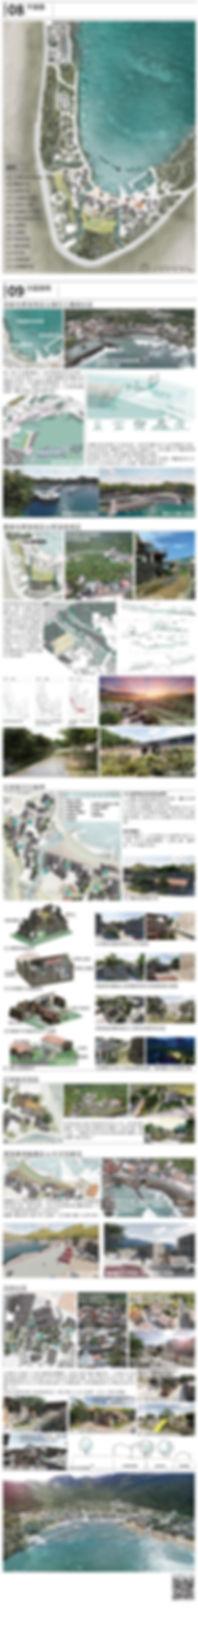 淺海洄游-作品內容 2.jpg